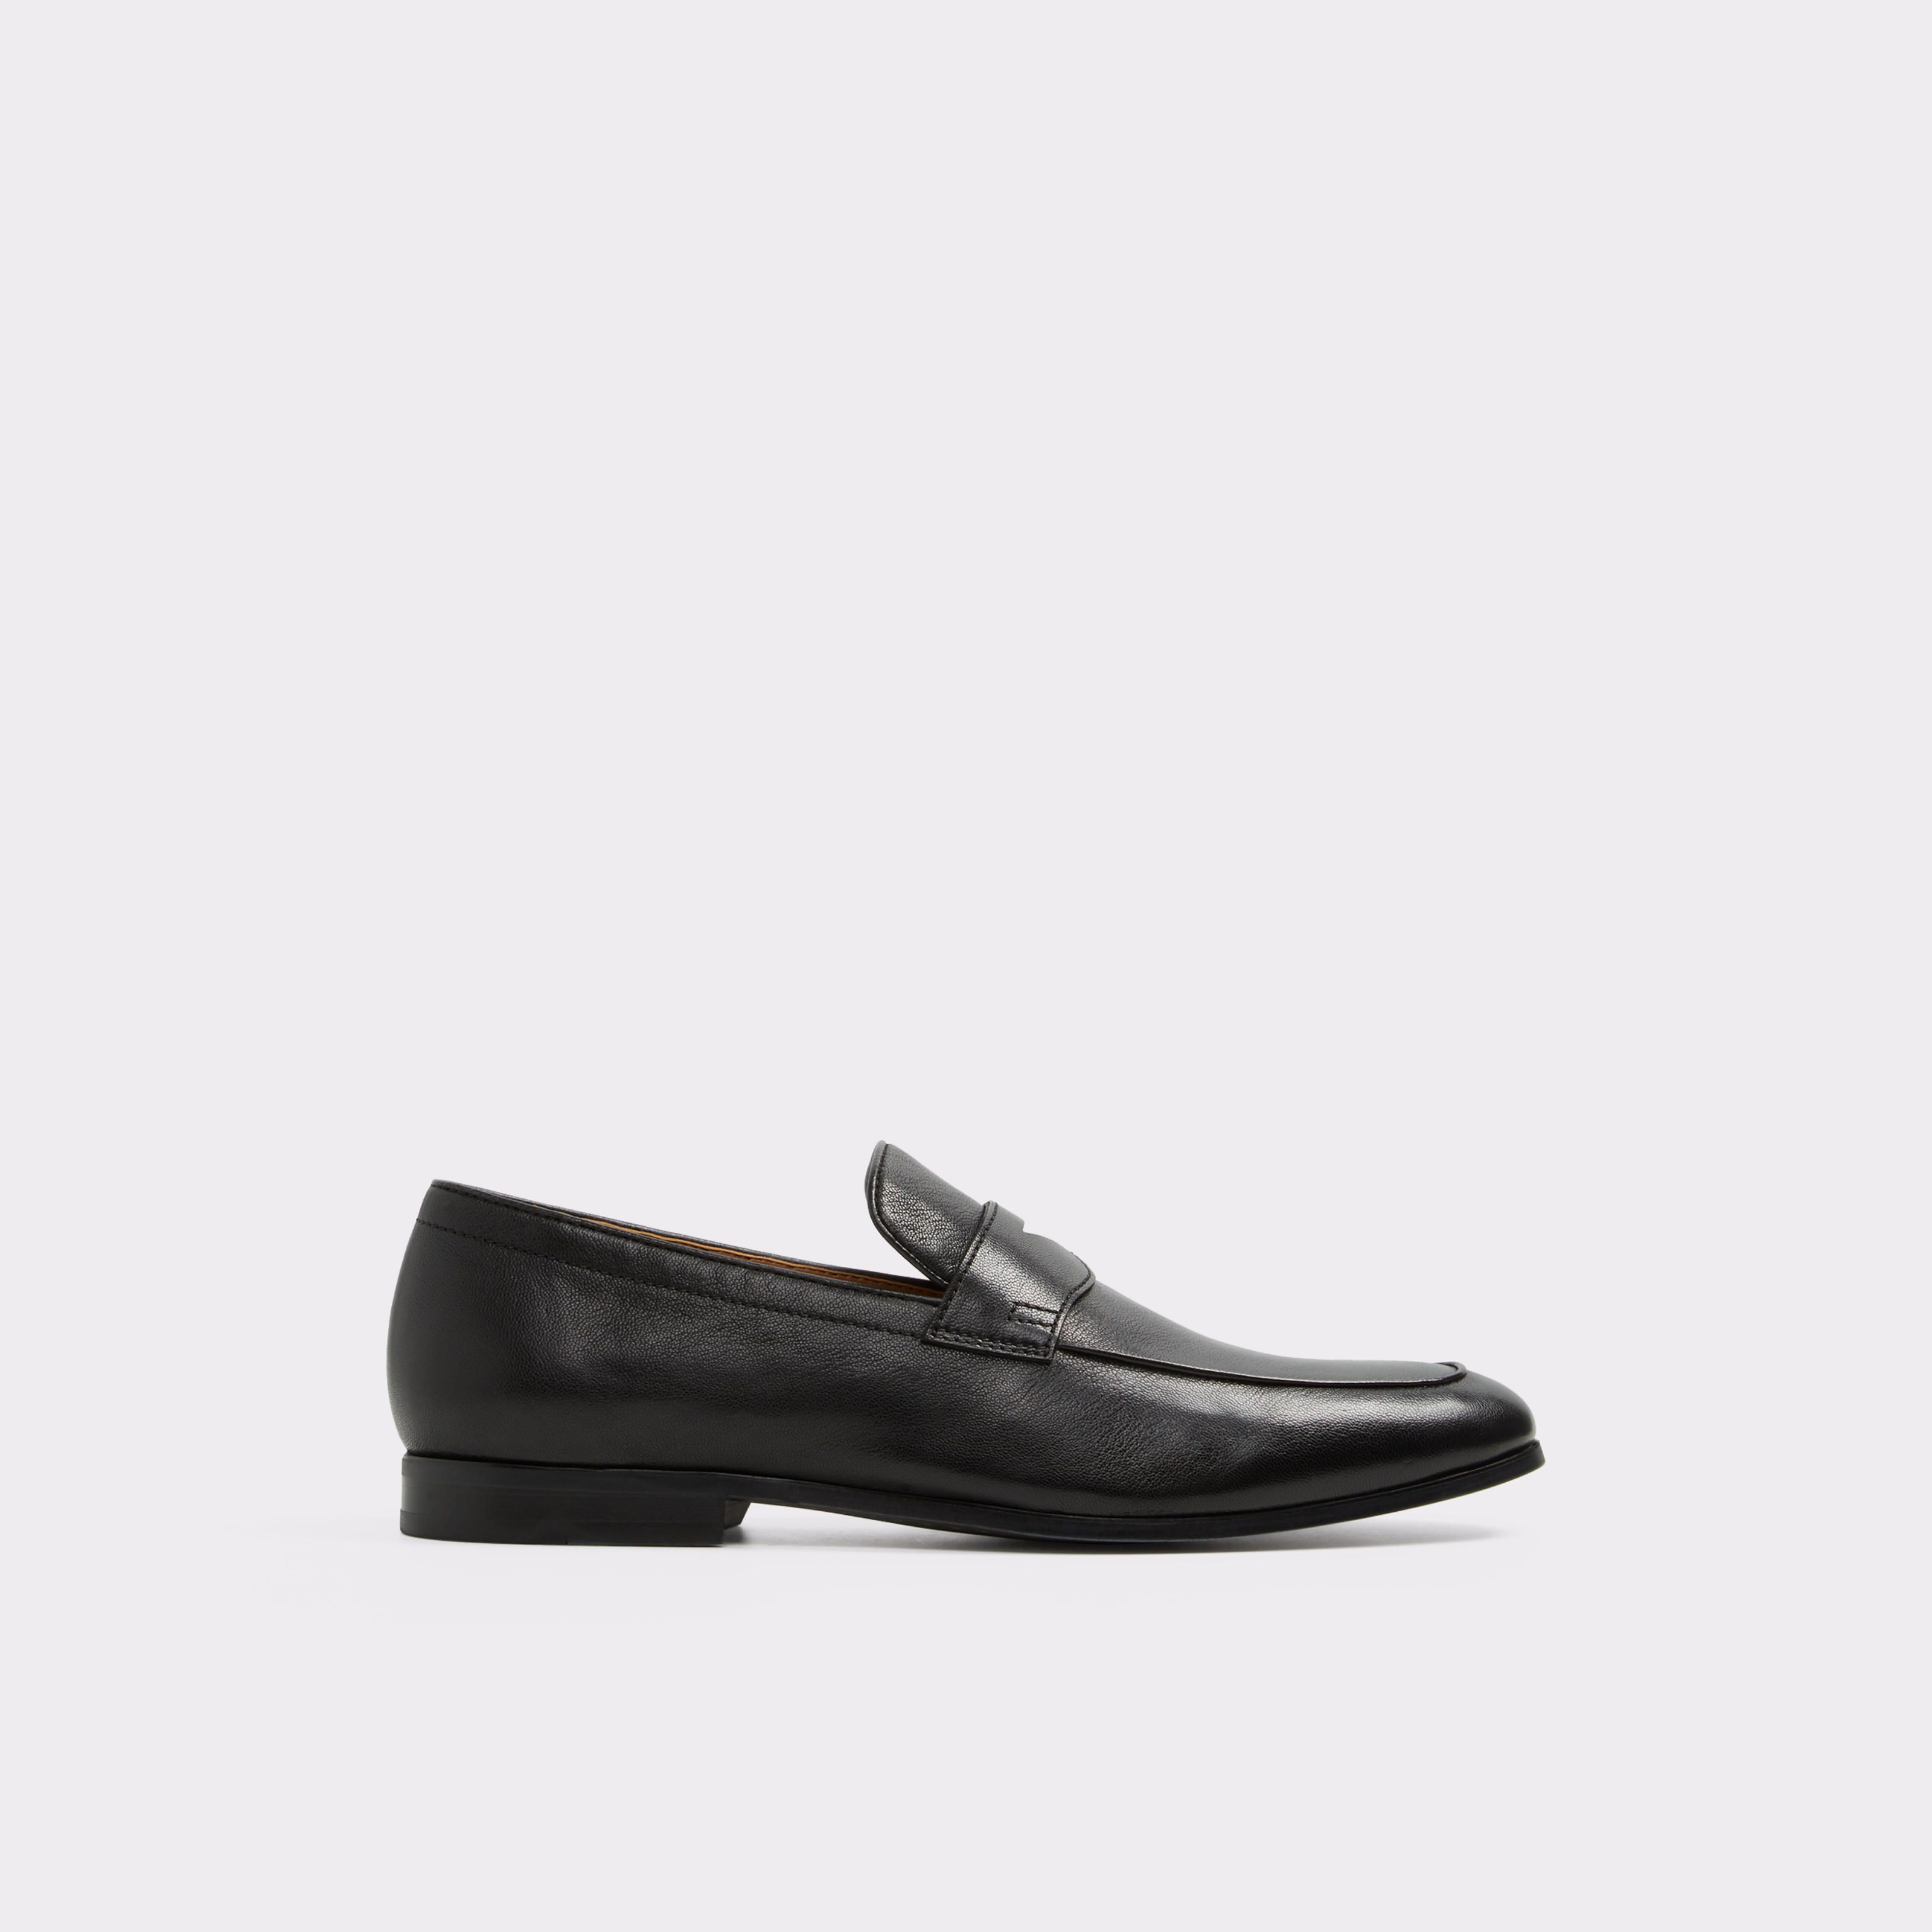 df7e52286d8 Umiasen black by Aldo Shoes - Main